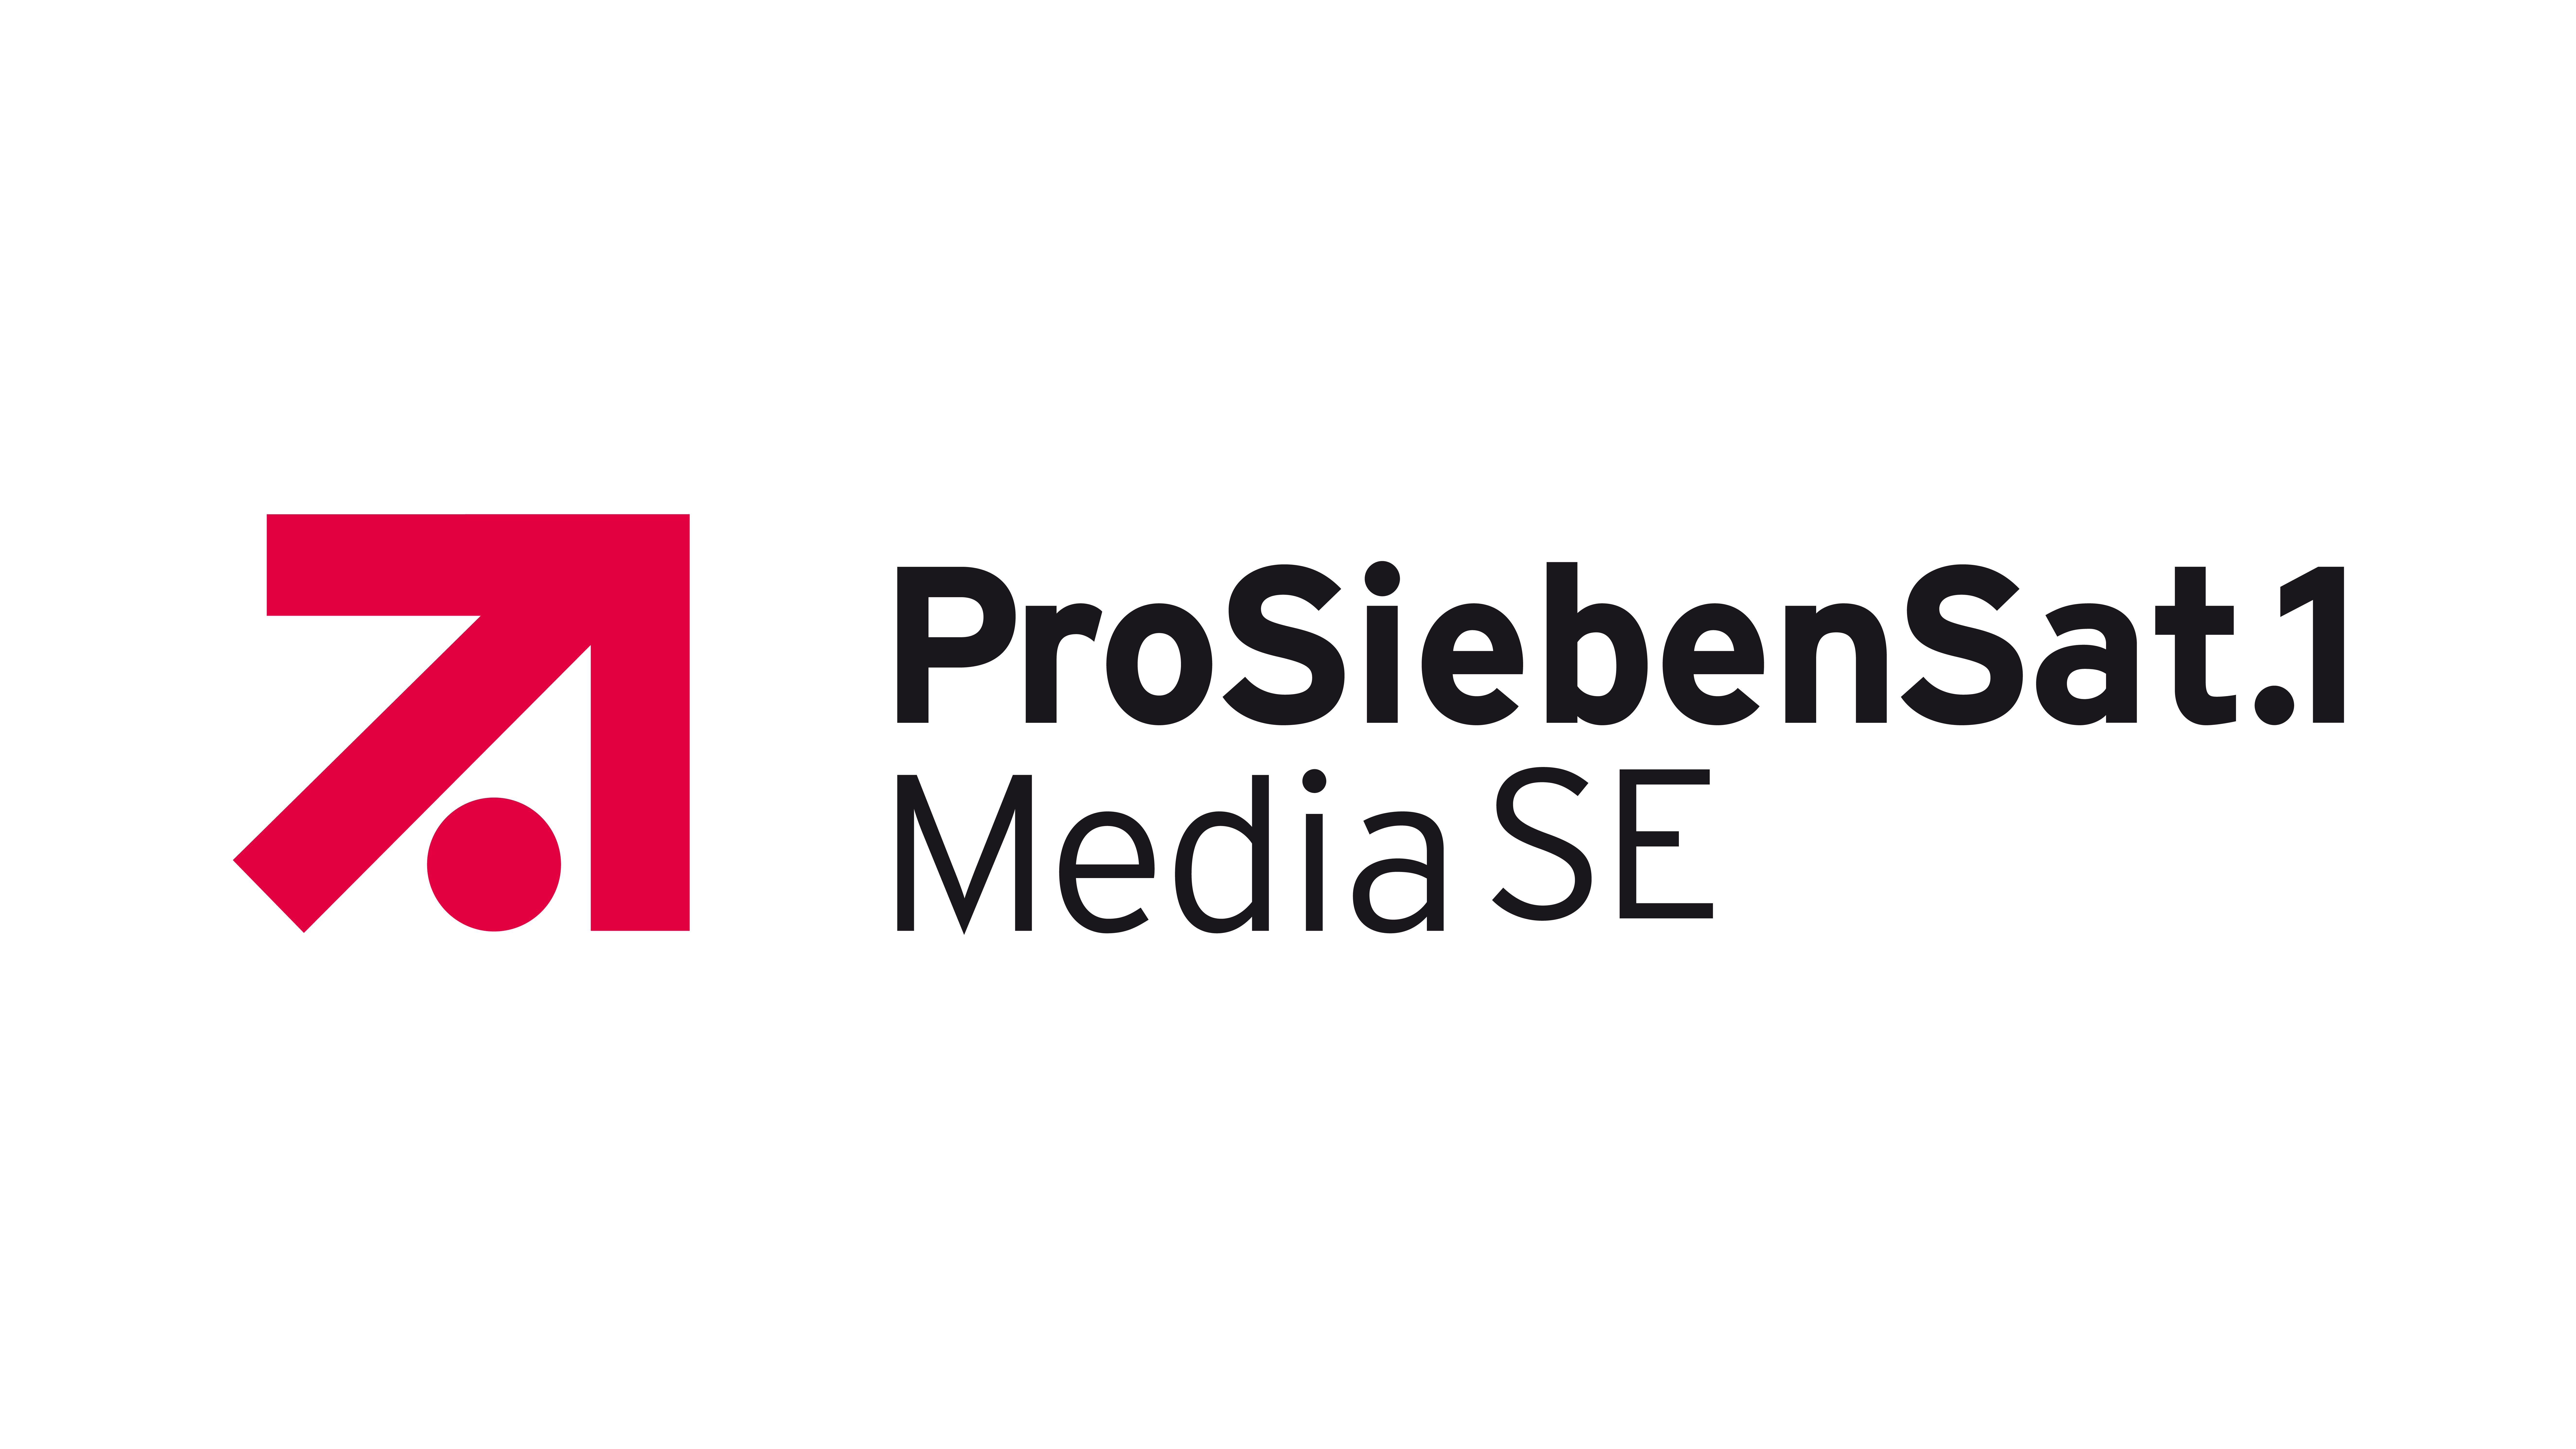 ProSiebenSat.1 Media SE … - Feed - STRICHPUNKT DESIGN